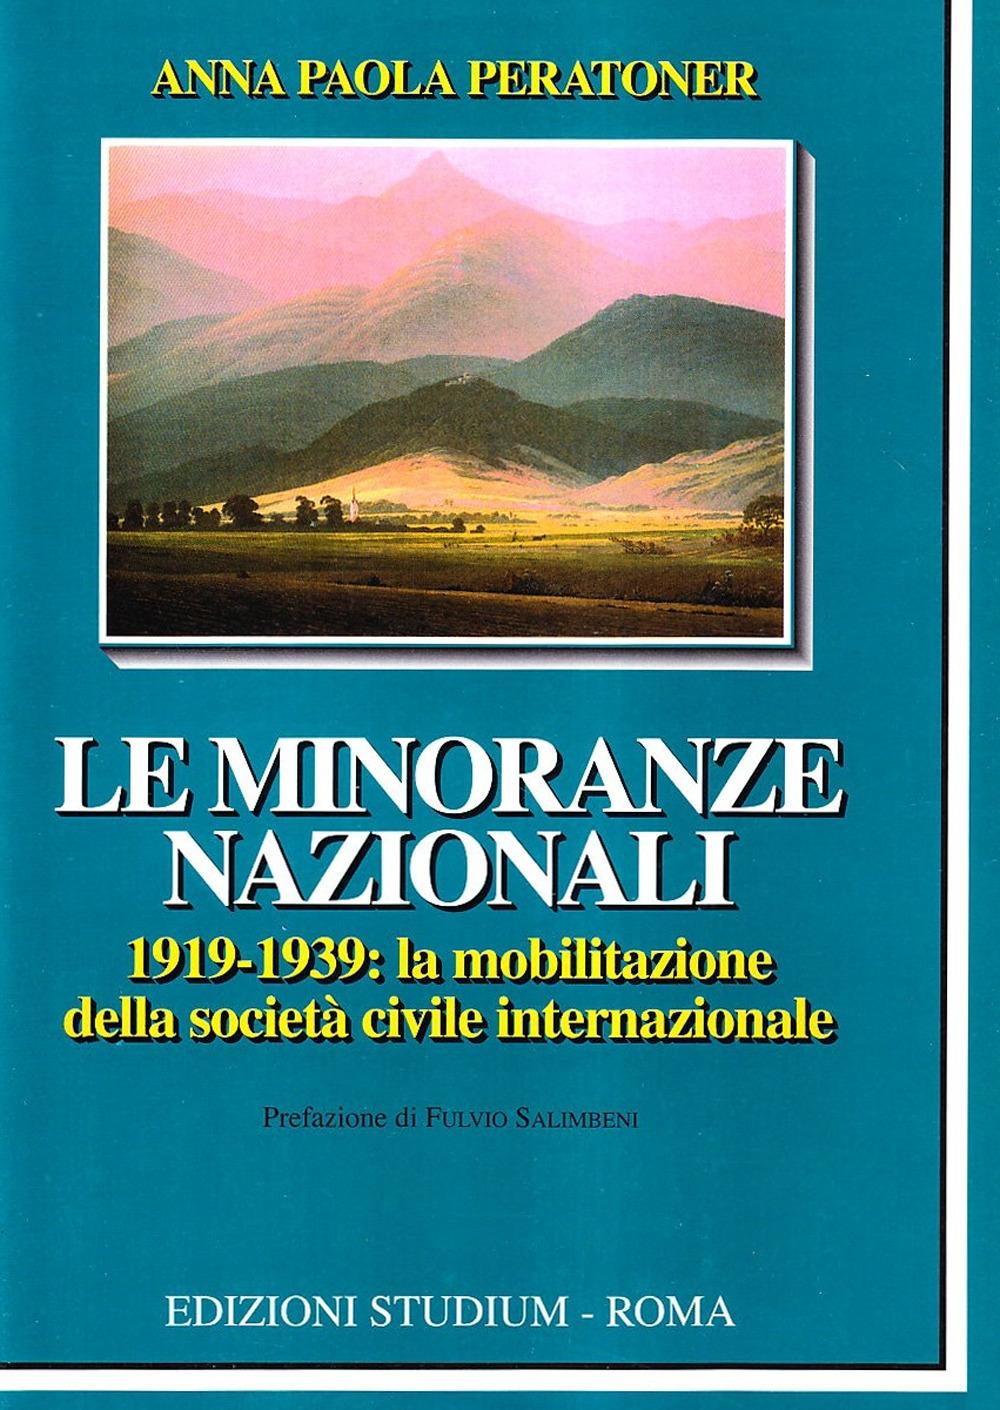 Le minoranze nazionali (1919-1939). La mobilitazione della società civile internazionale.